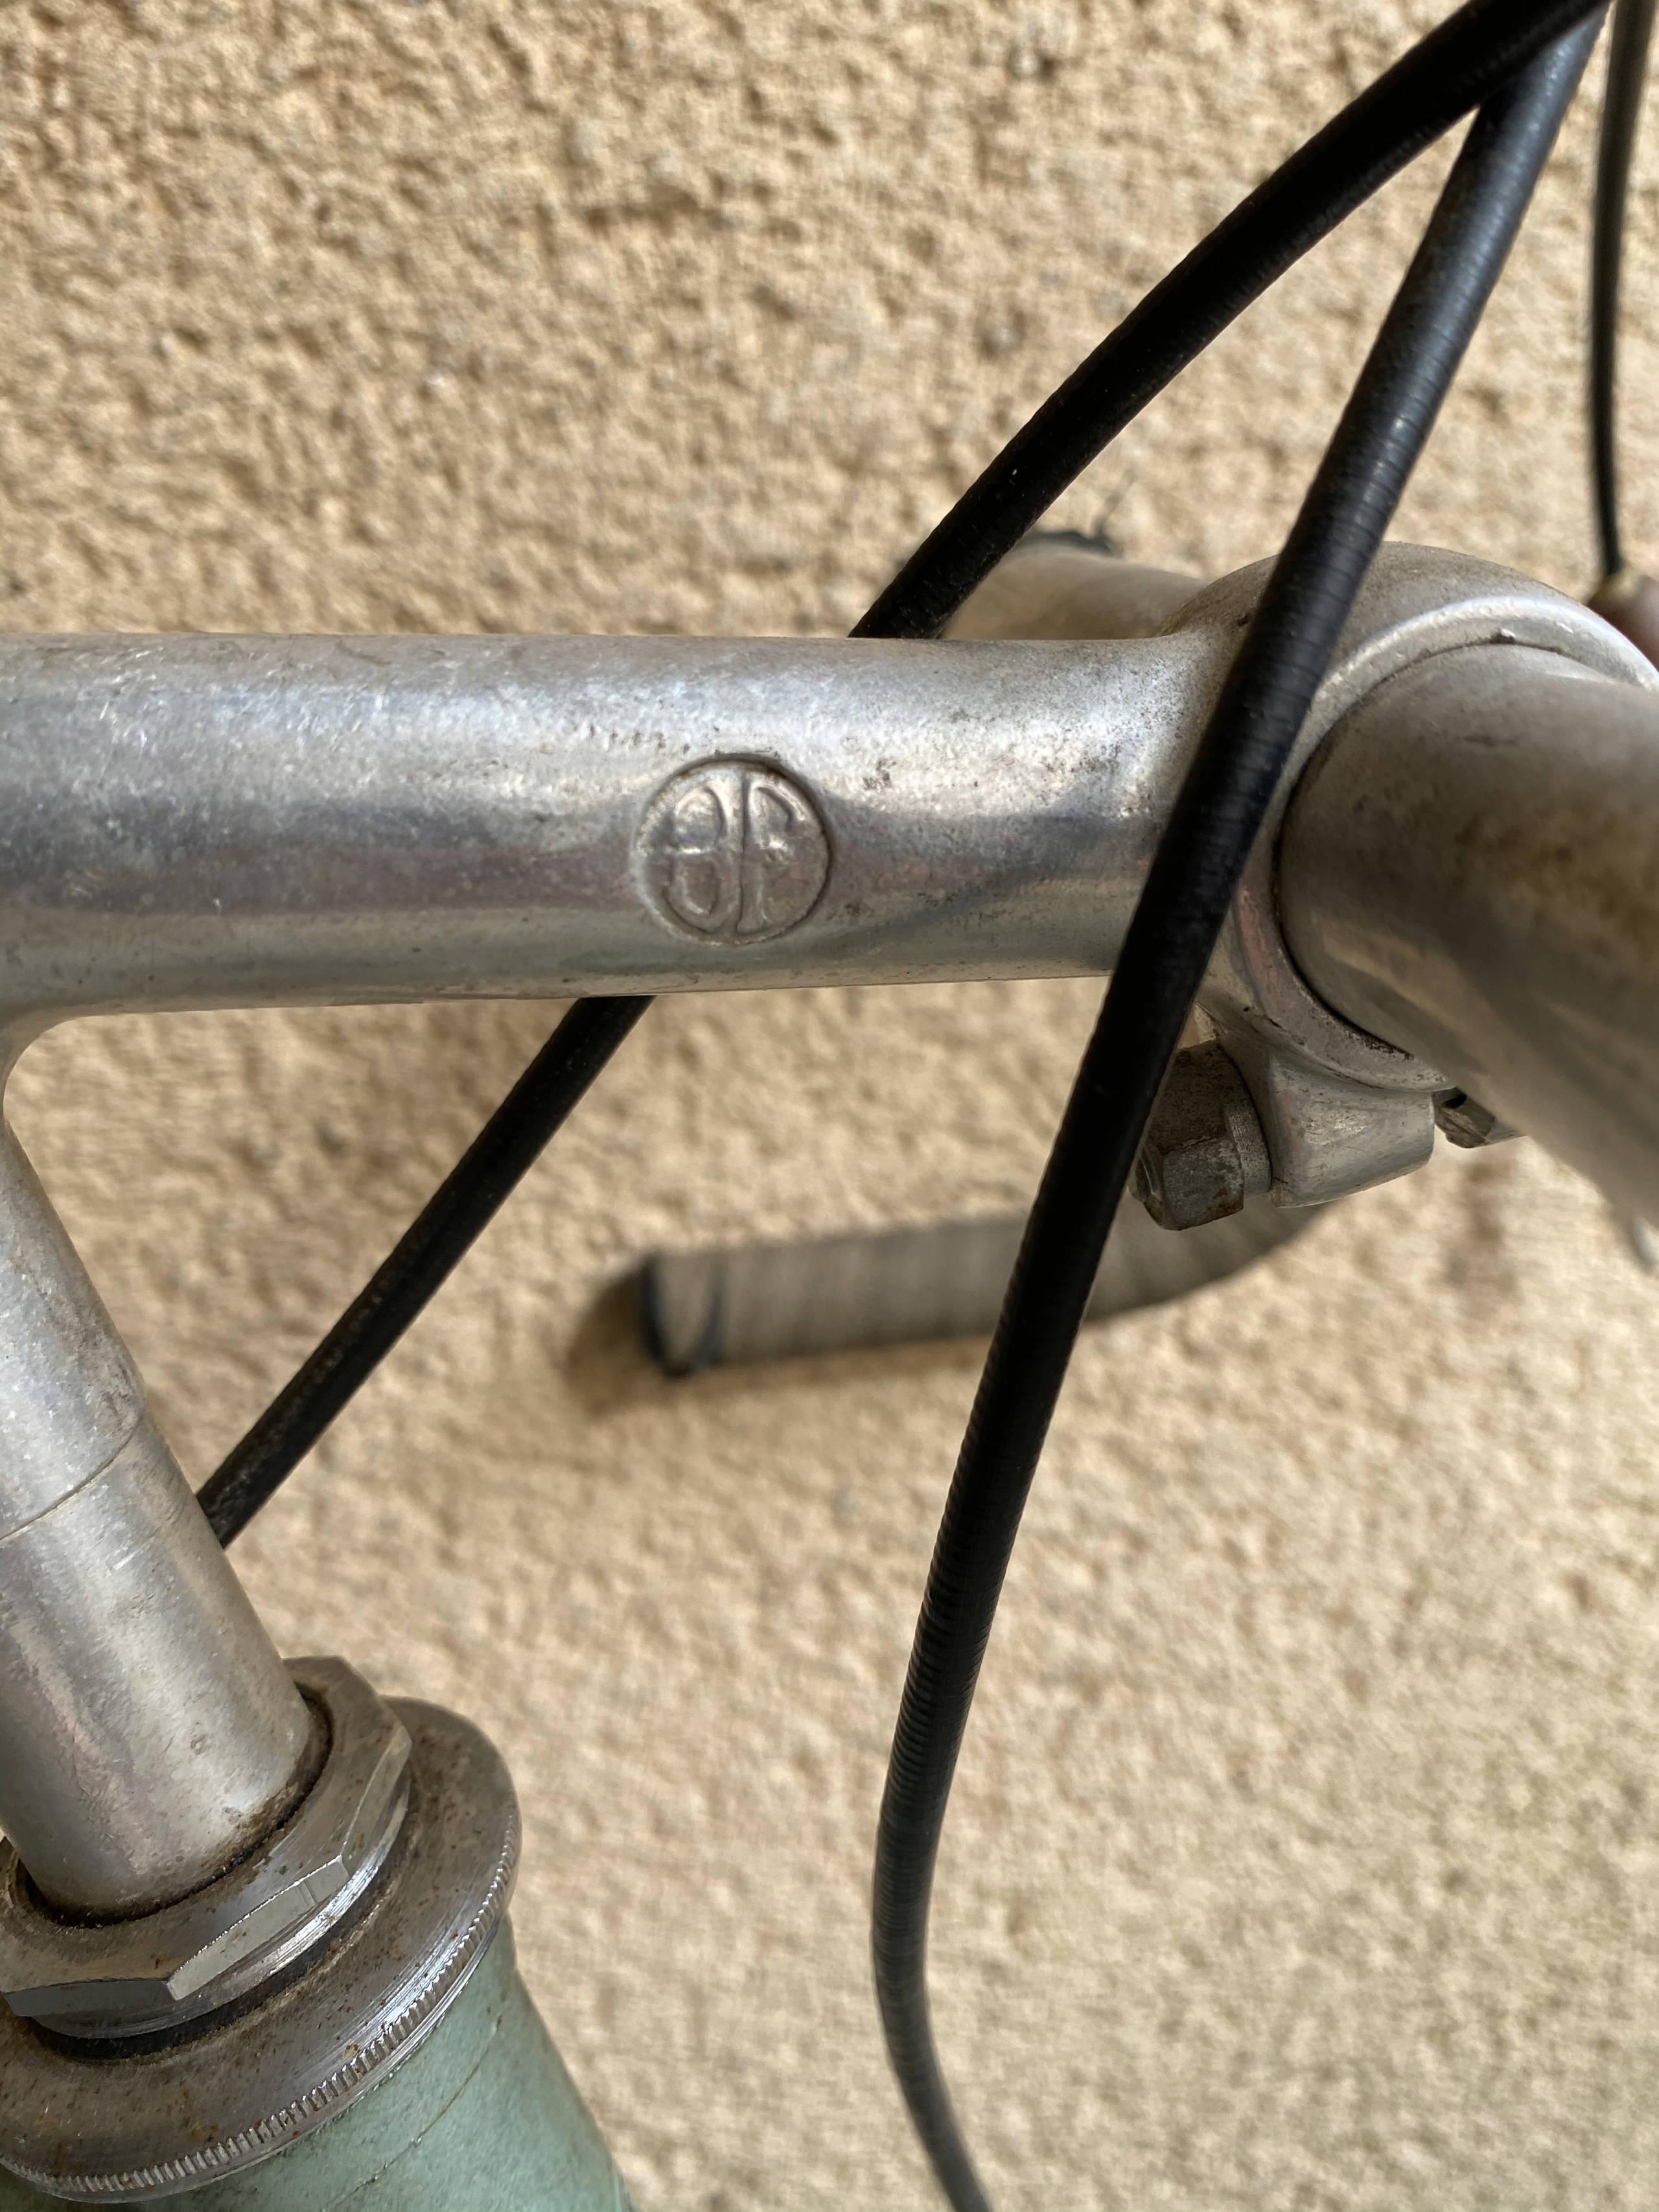 Vélo Jacques Anquetil : Vos avis? Img_0522